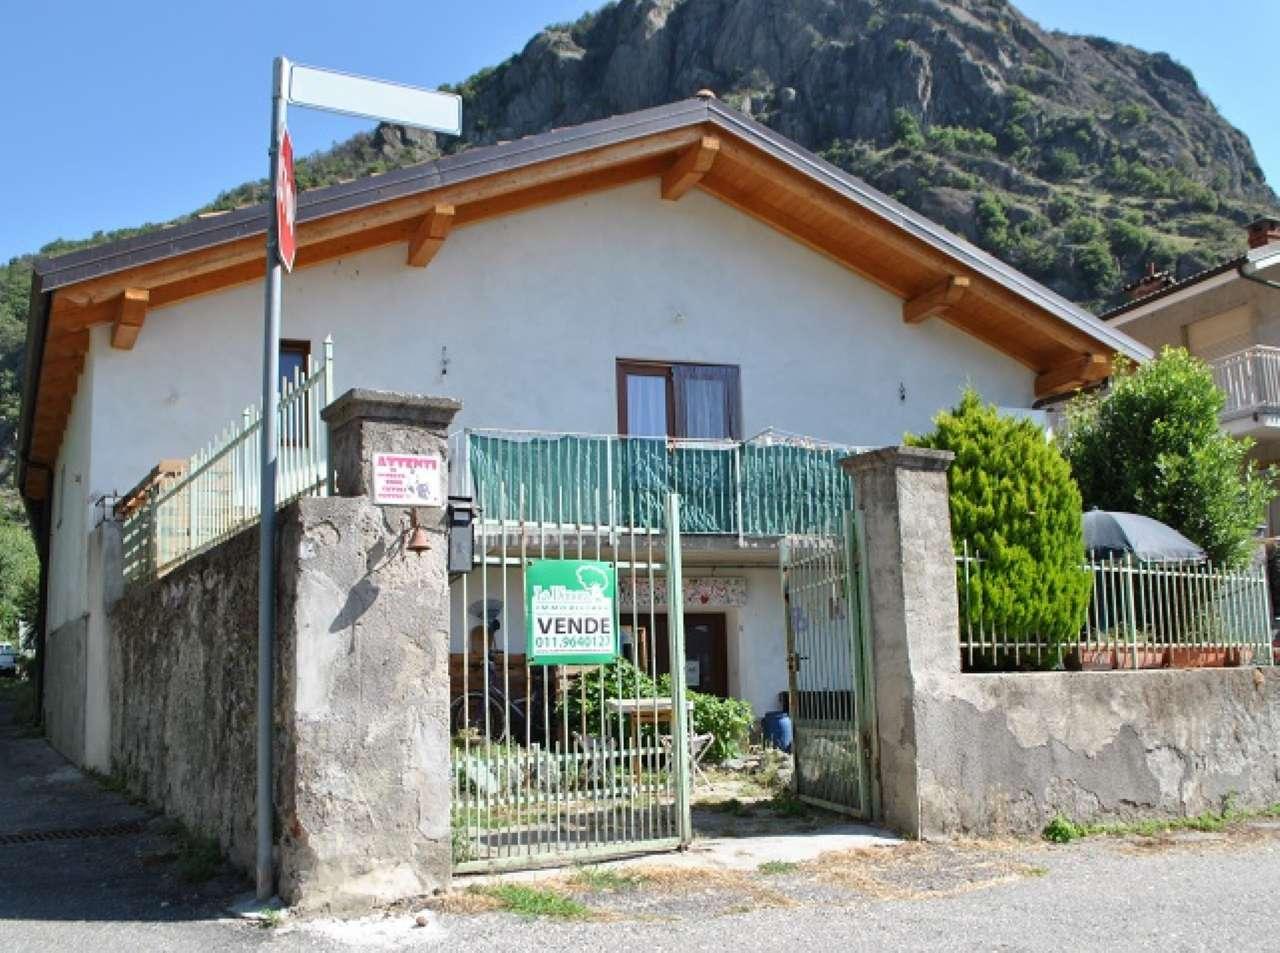 Soluzione Indipendente in vendita a Caprie, 6 locali, prezzo € 145.000 | PortaleAgenzieImmobiliari.it